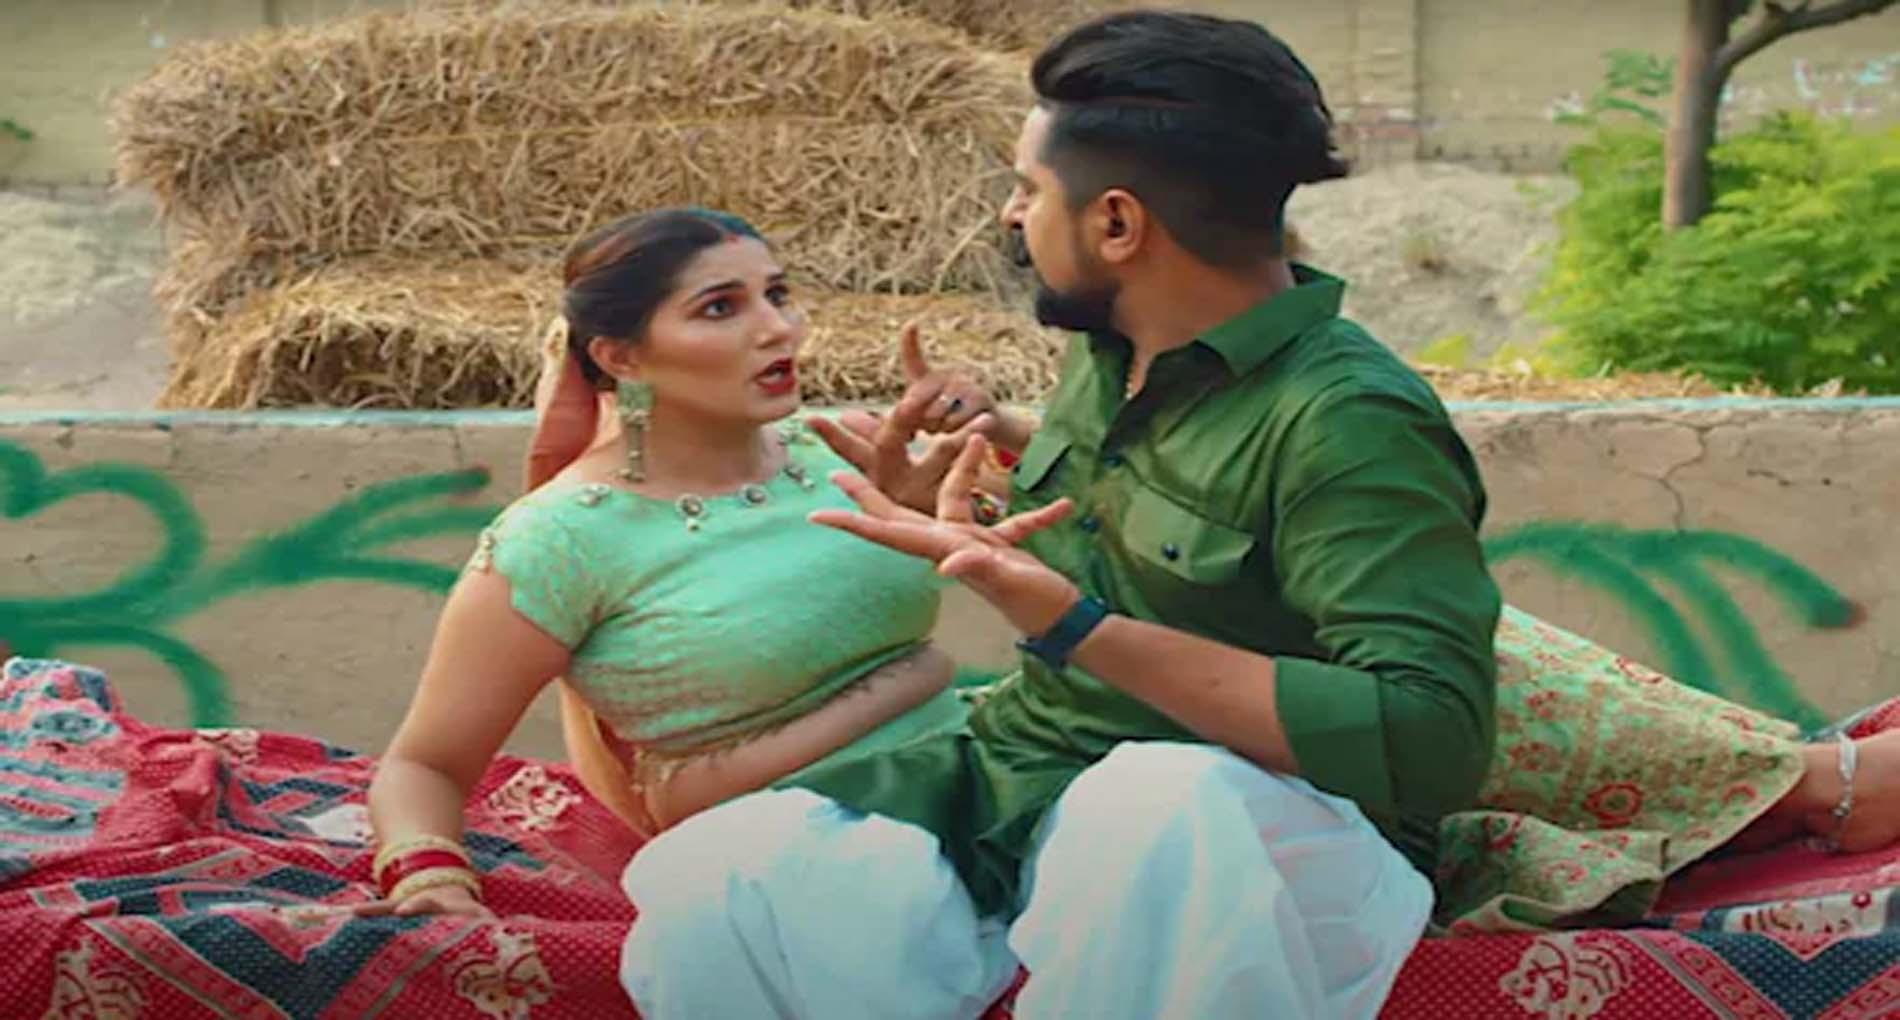 Haryanvi Song: सपना चौधरी के नए गाने में दिखी पति के साथ नोकझोंक! देखें वीडियो